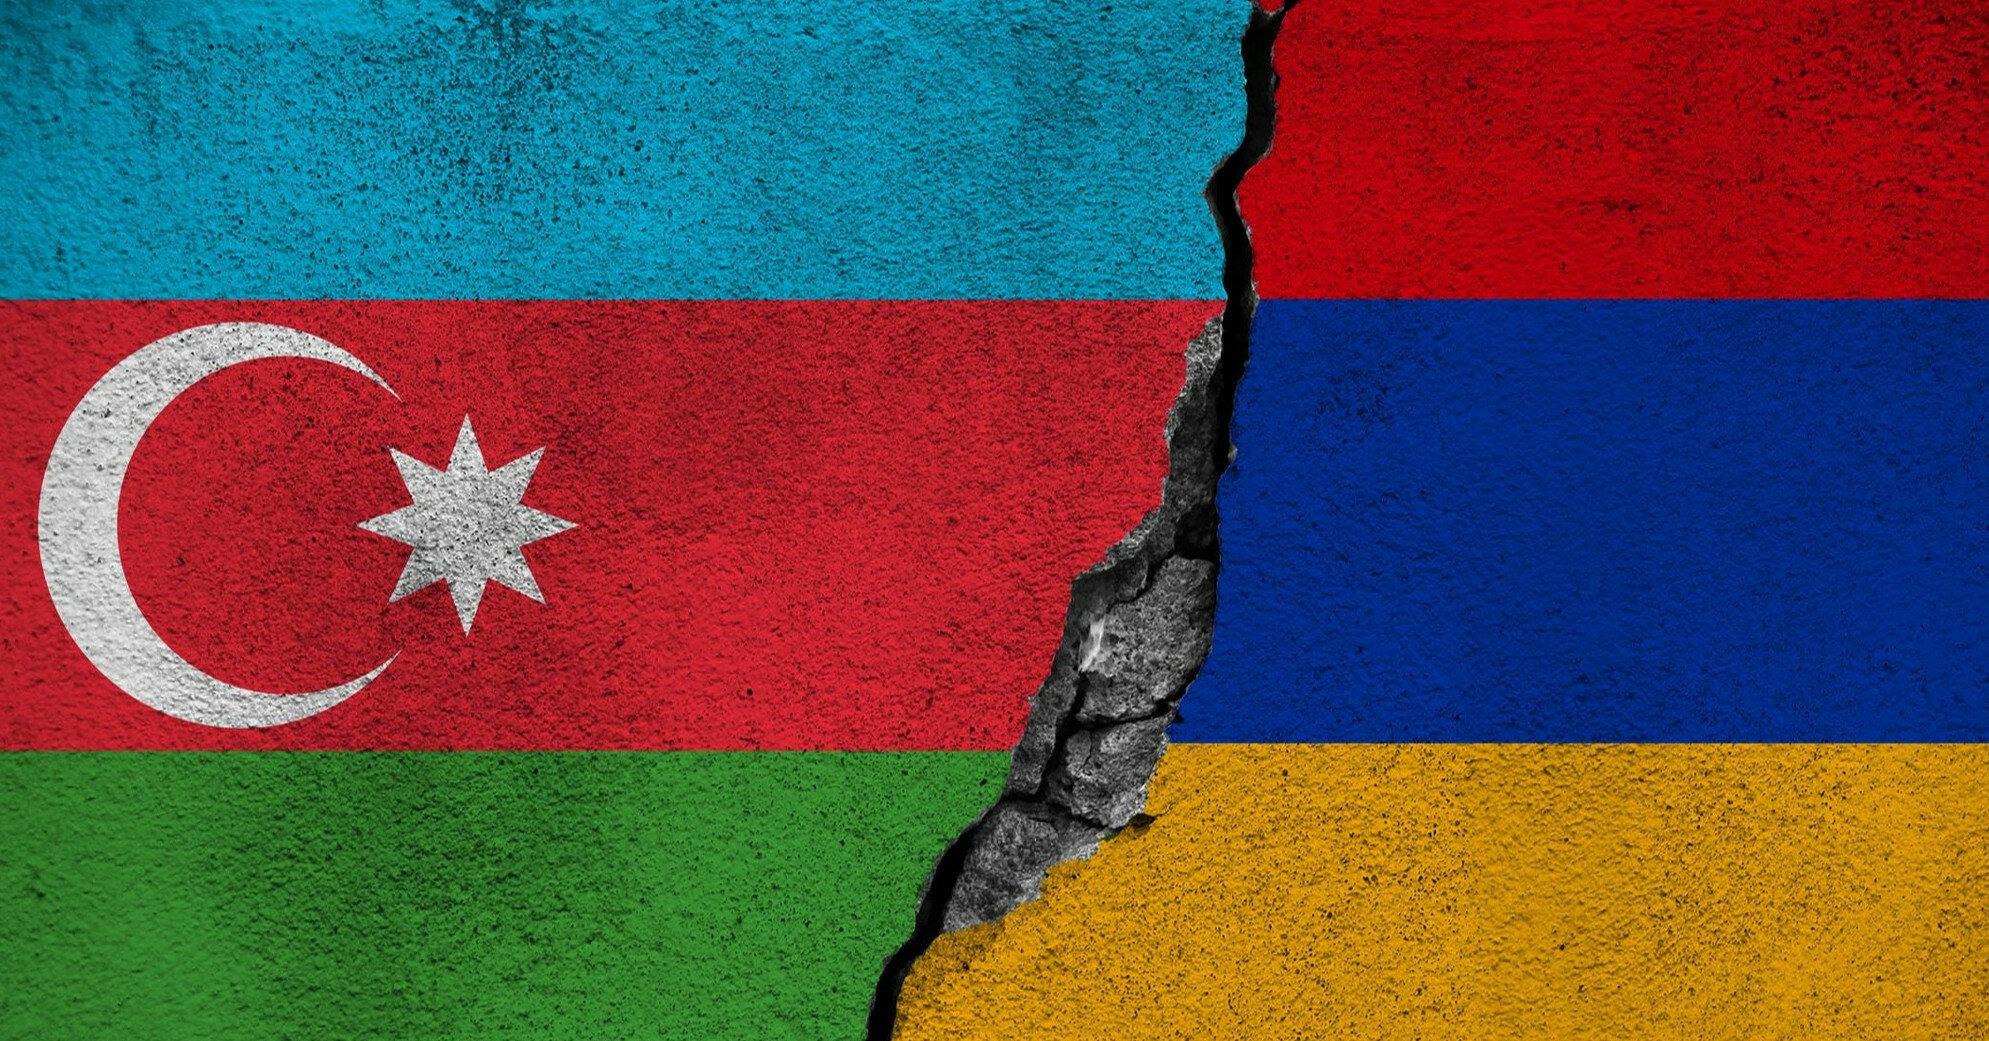 Азербайджан заявил о ранении военного армянскими солдатами